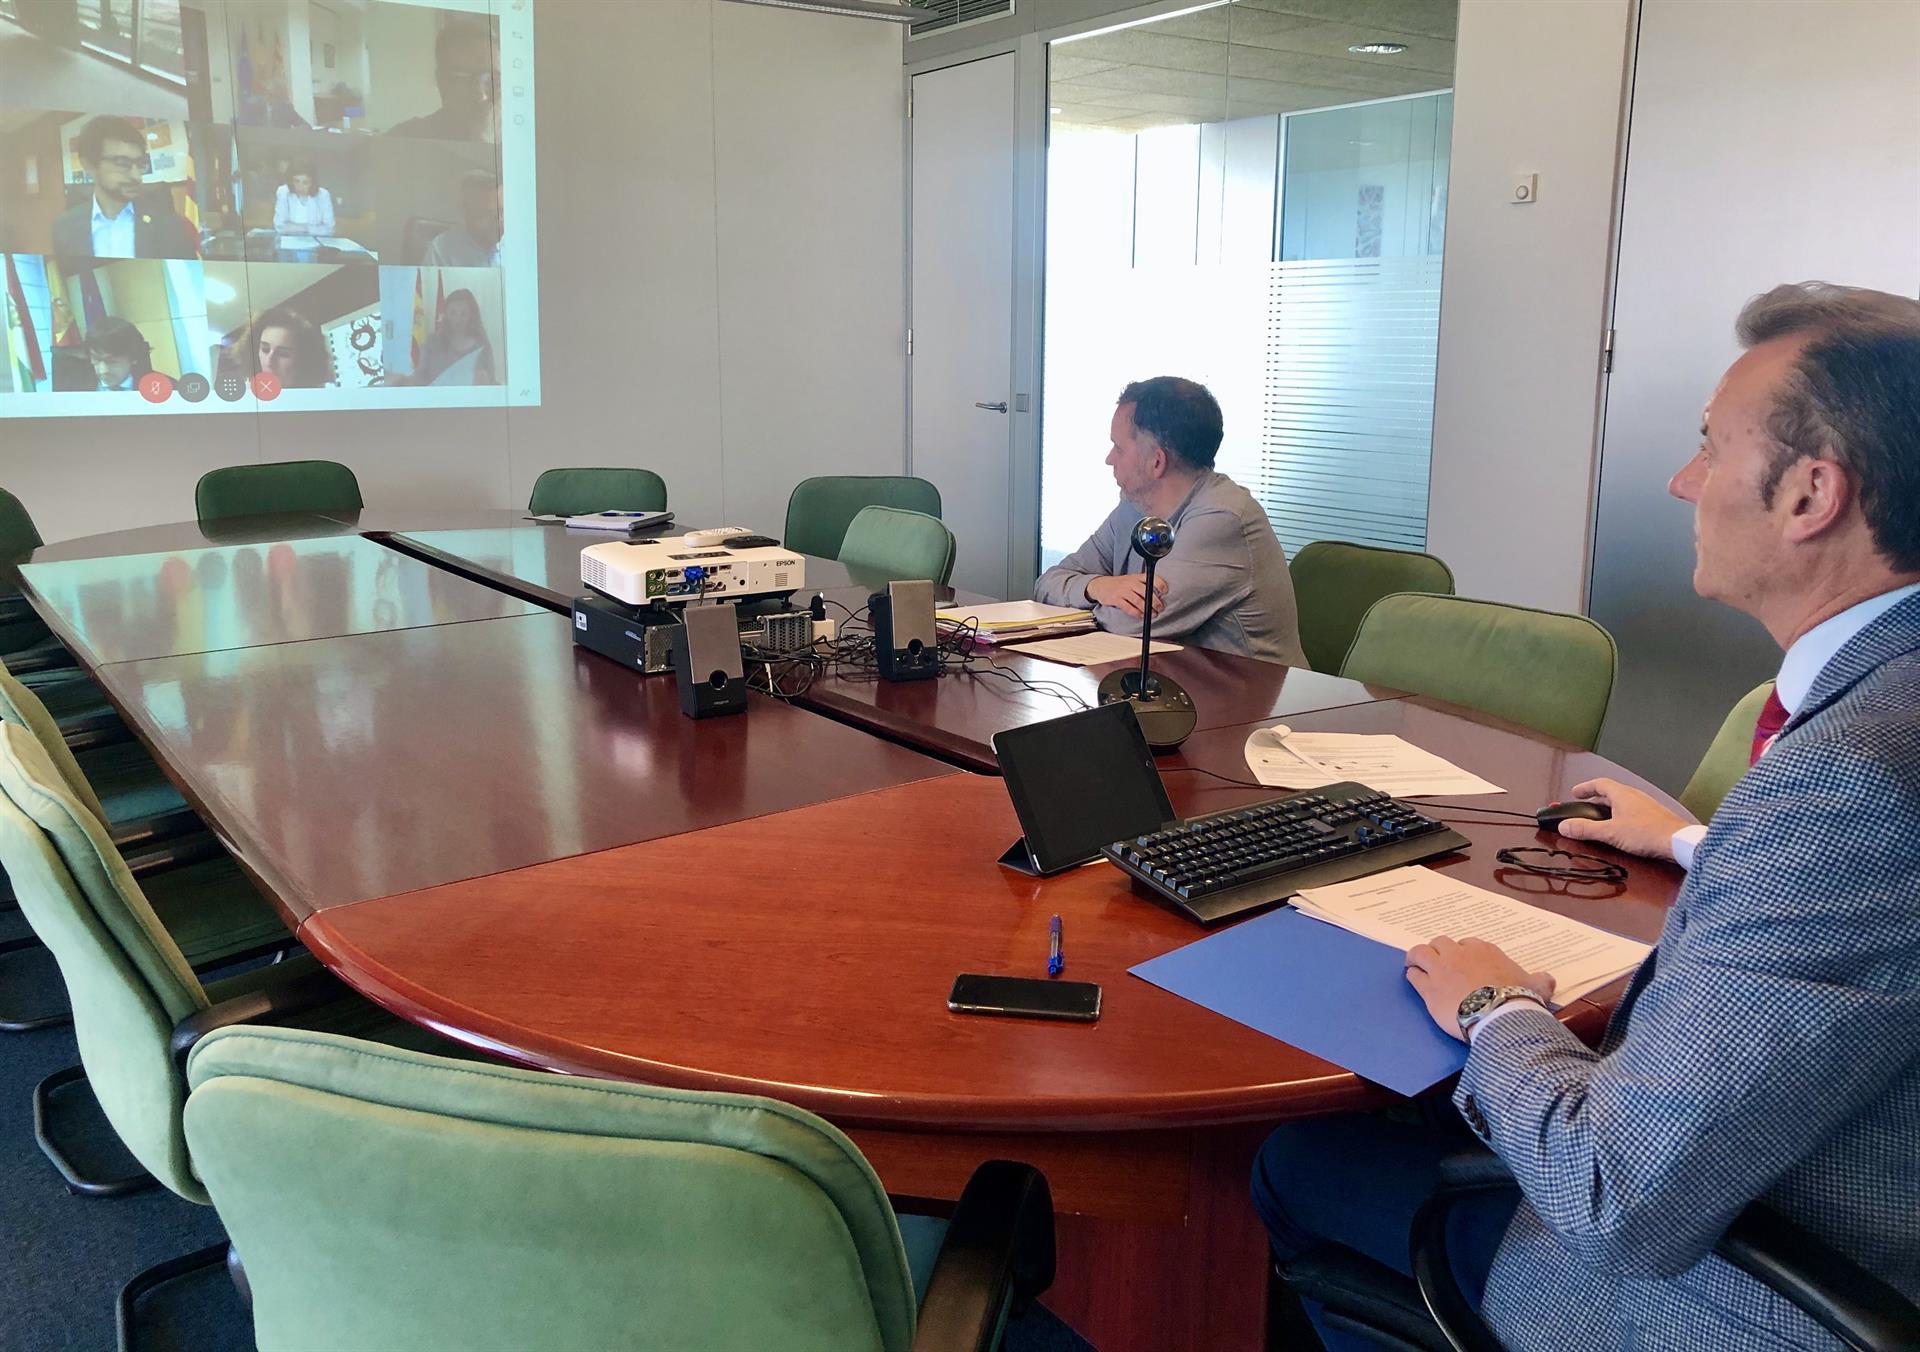 El consejero de Desarrollo Rural, Ganadería, Pesca, Alimentación y Medio Ambiente, Guillermo Blanco, participa en el Consejo Consultivo de Política Medioambiental para Asuntos Comunitarios - GOBIERNO